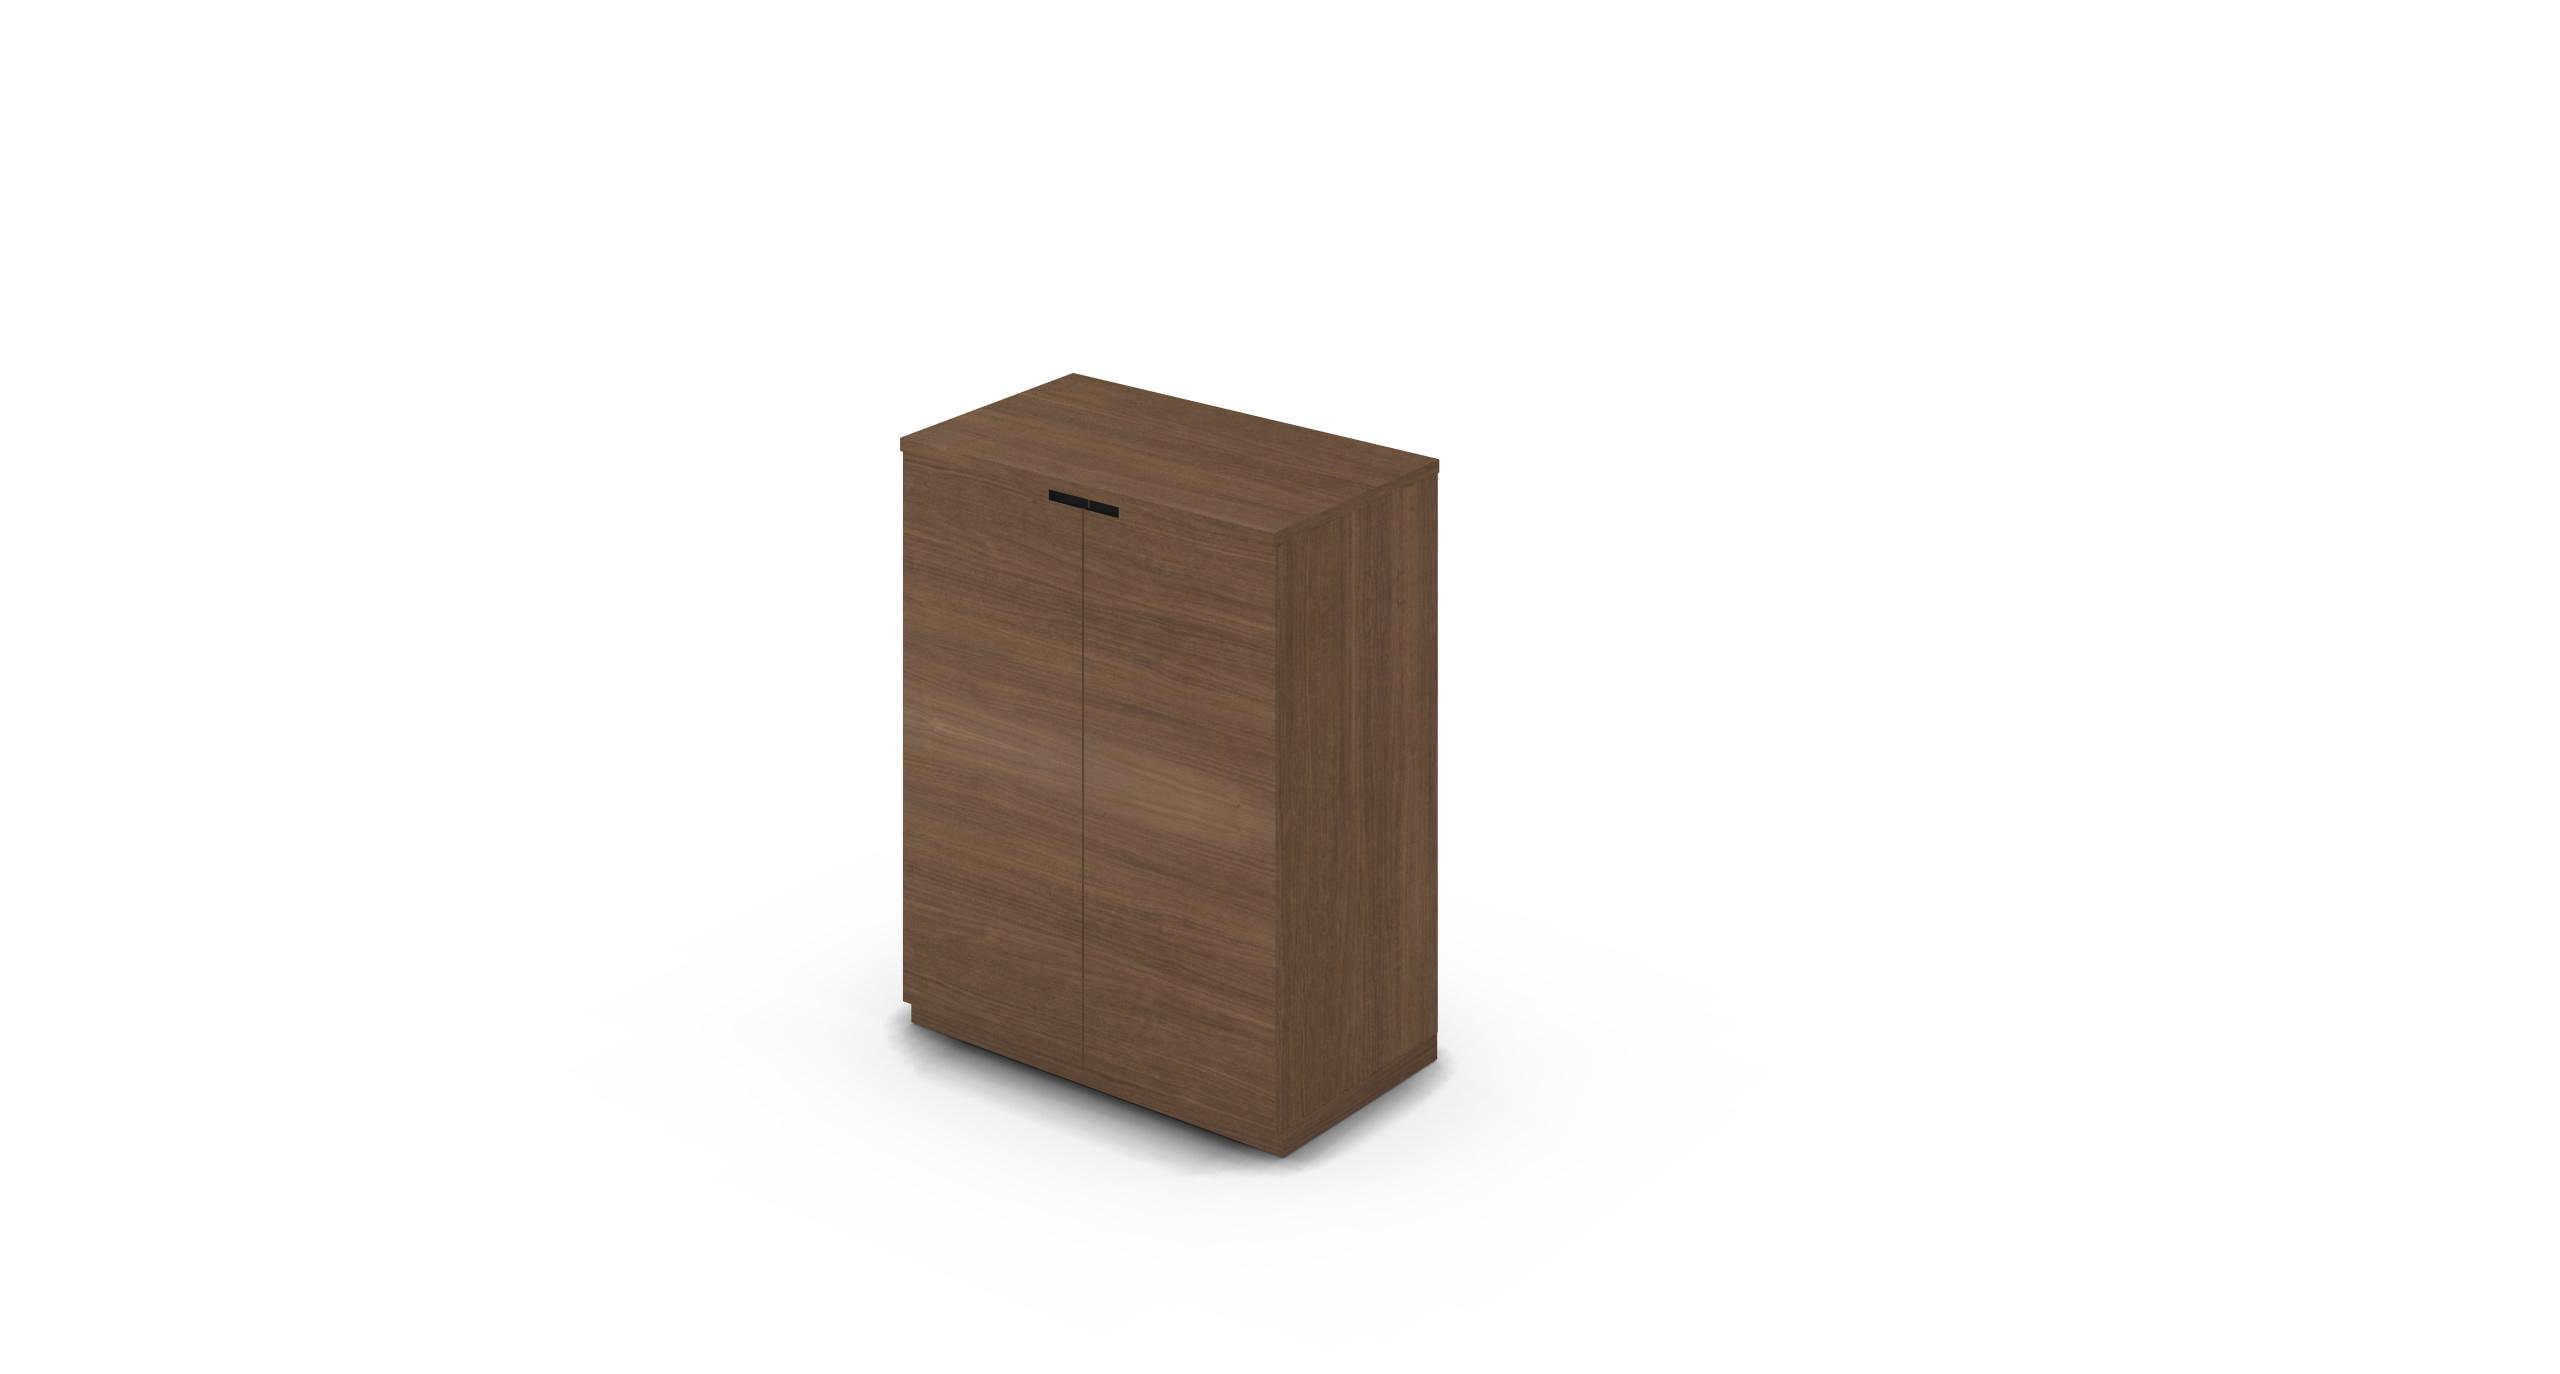 Cabinet_800x450x1125_HD_Walnut_CutOut_NoCylinder